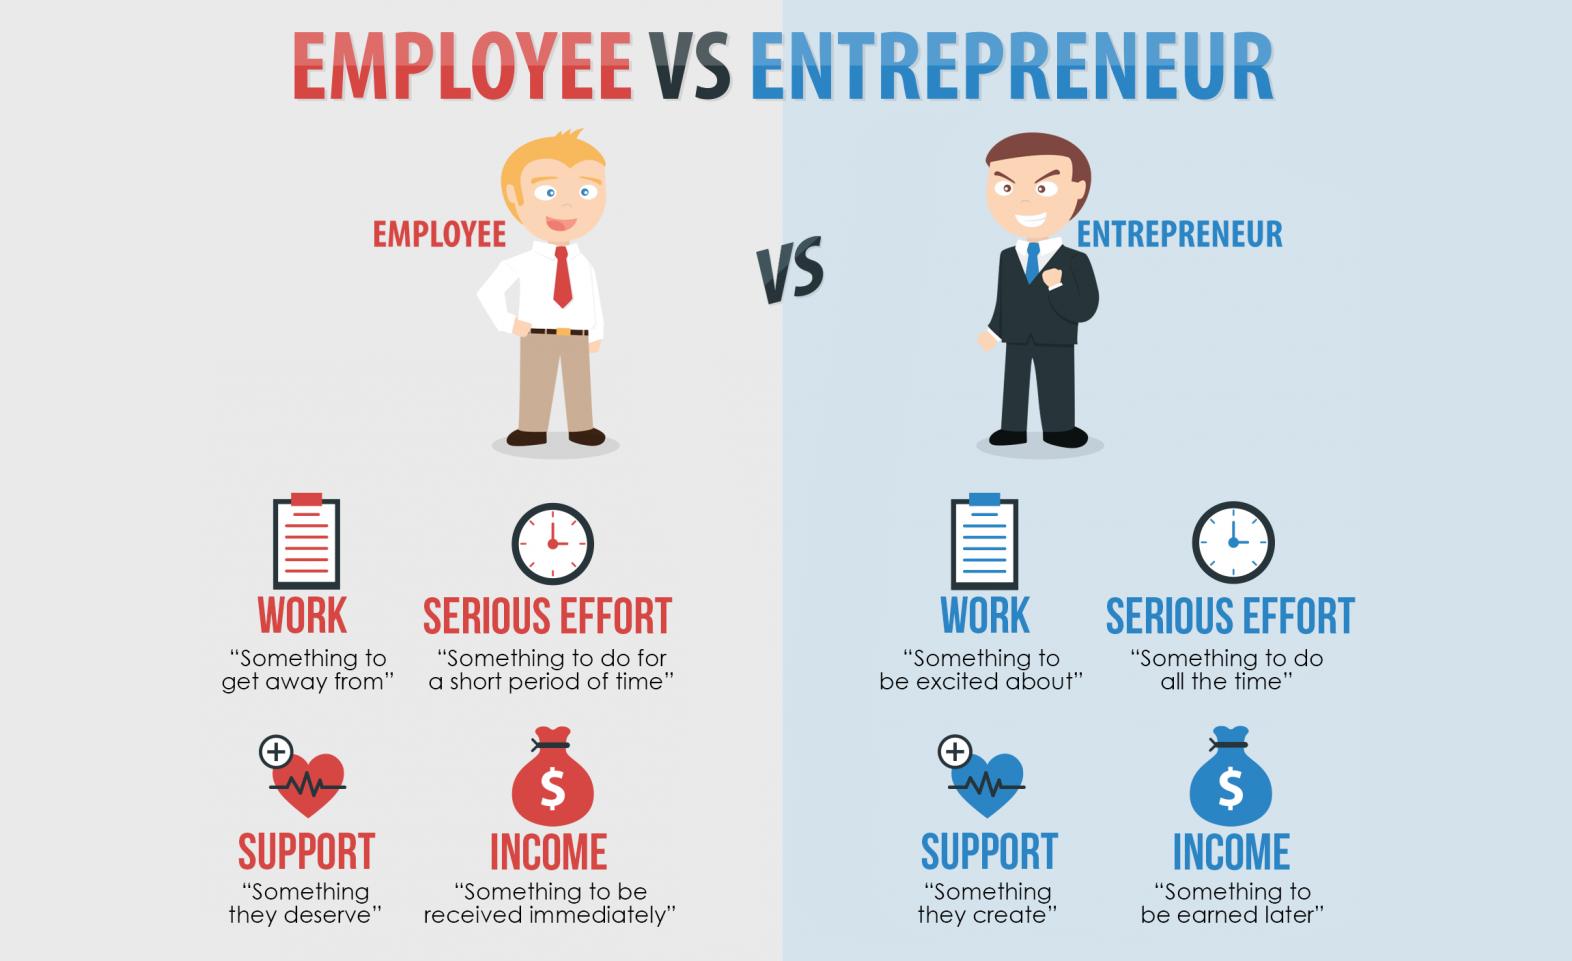 employees-vs-entrepreneurs-1024x961